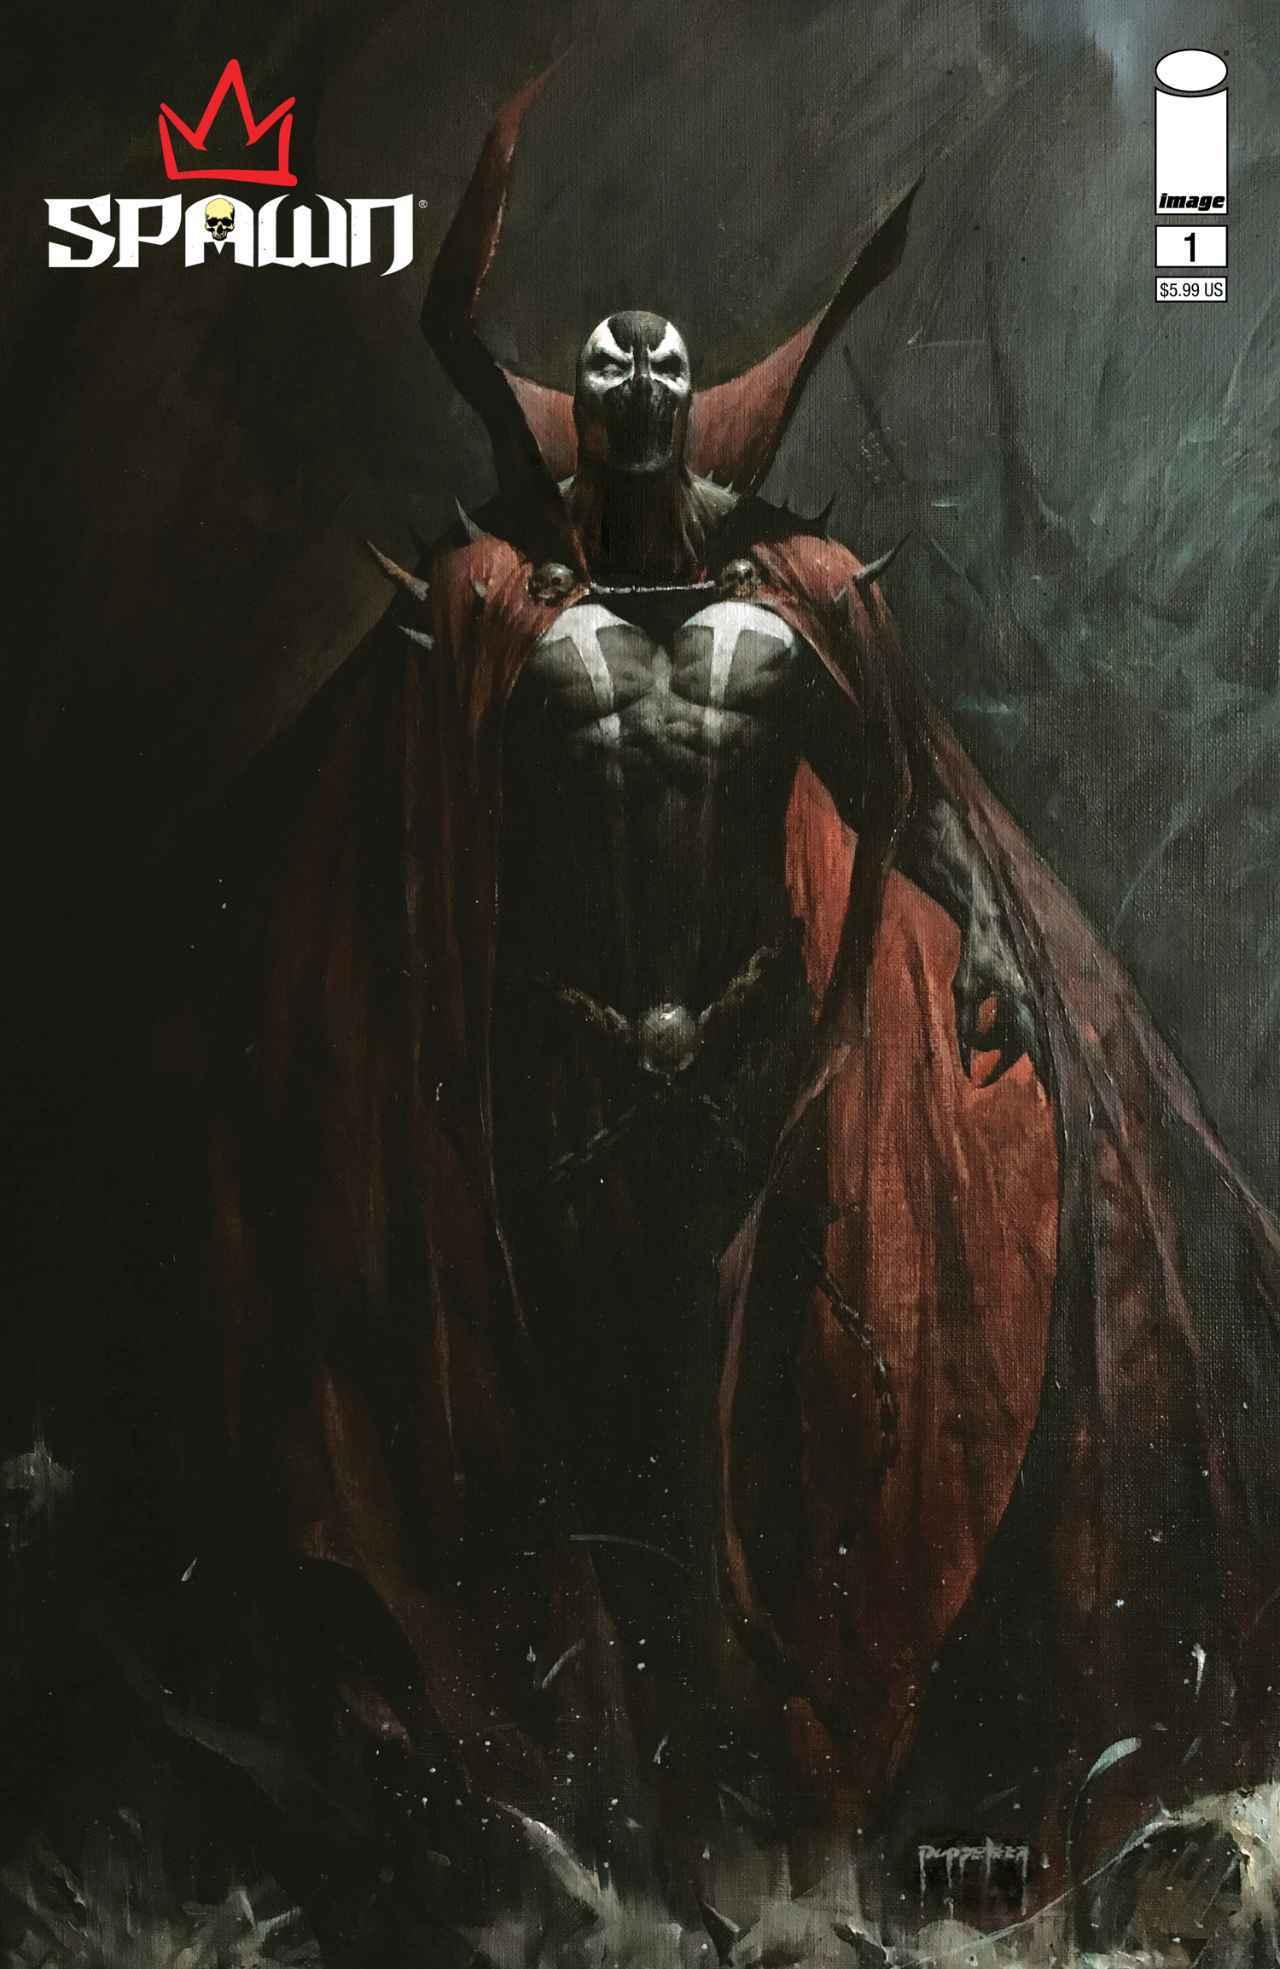 King Spawn